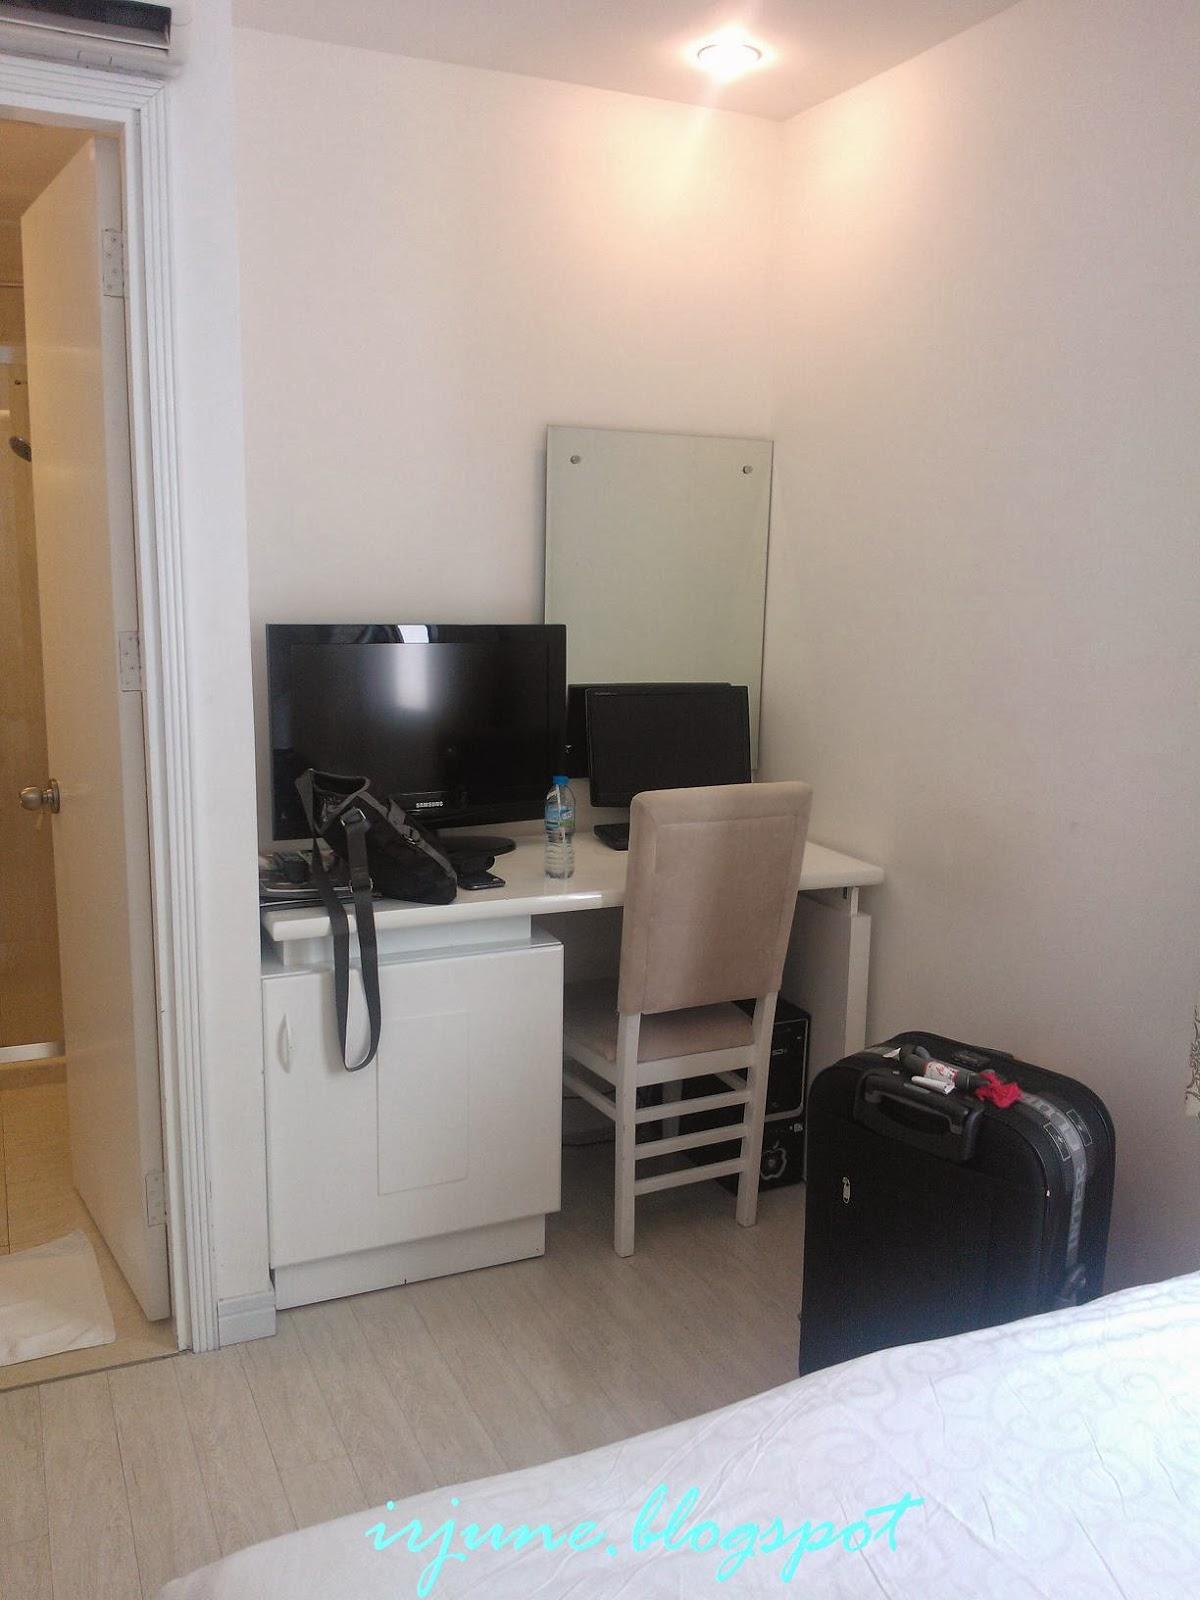 Ini Ruang Yang Ada Antara Katil Meja Solek Dan Bilik Air Tv Tu Share Satu Dengan Juga Komputer Milik Hotel Ye